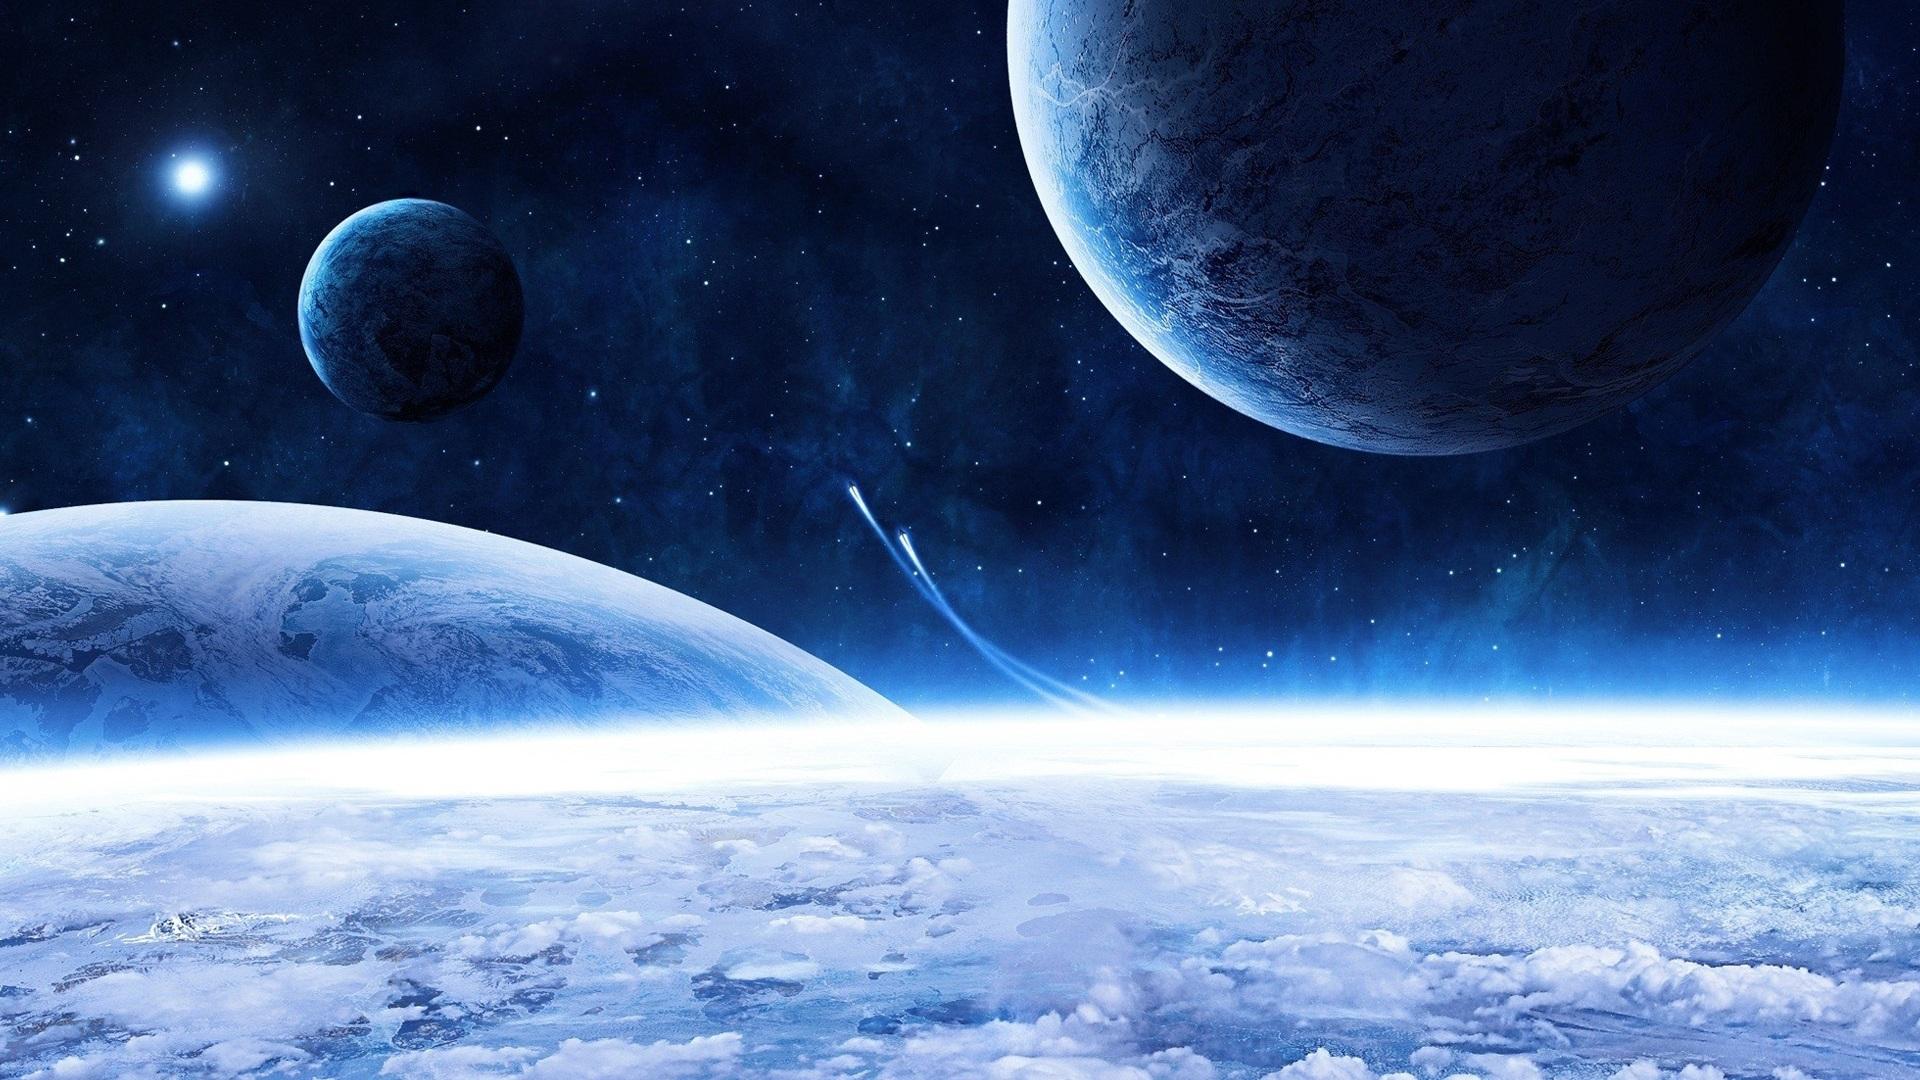 Обои космос планета корабль картинки на рабочий стол на тему Космос - скачать  № 3125428  скачать